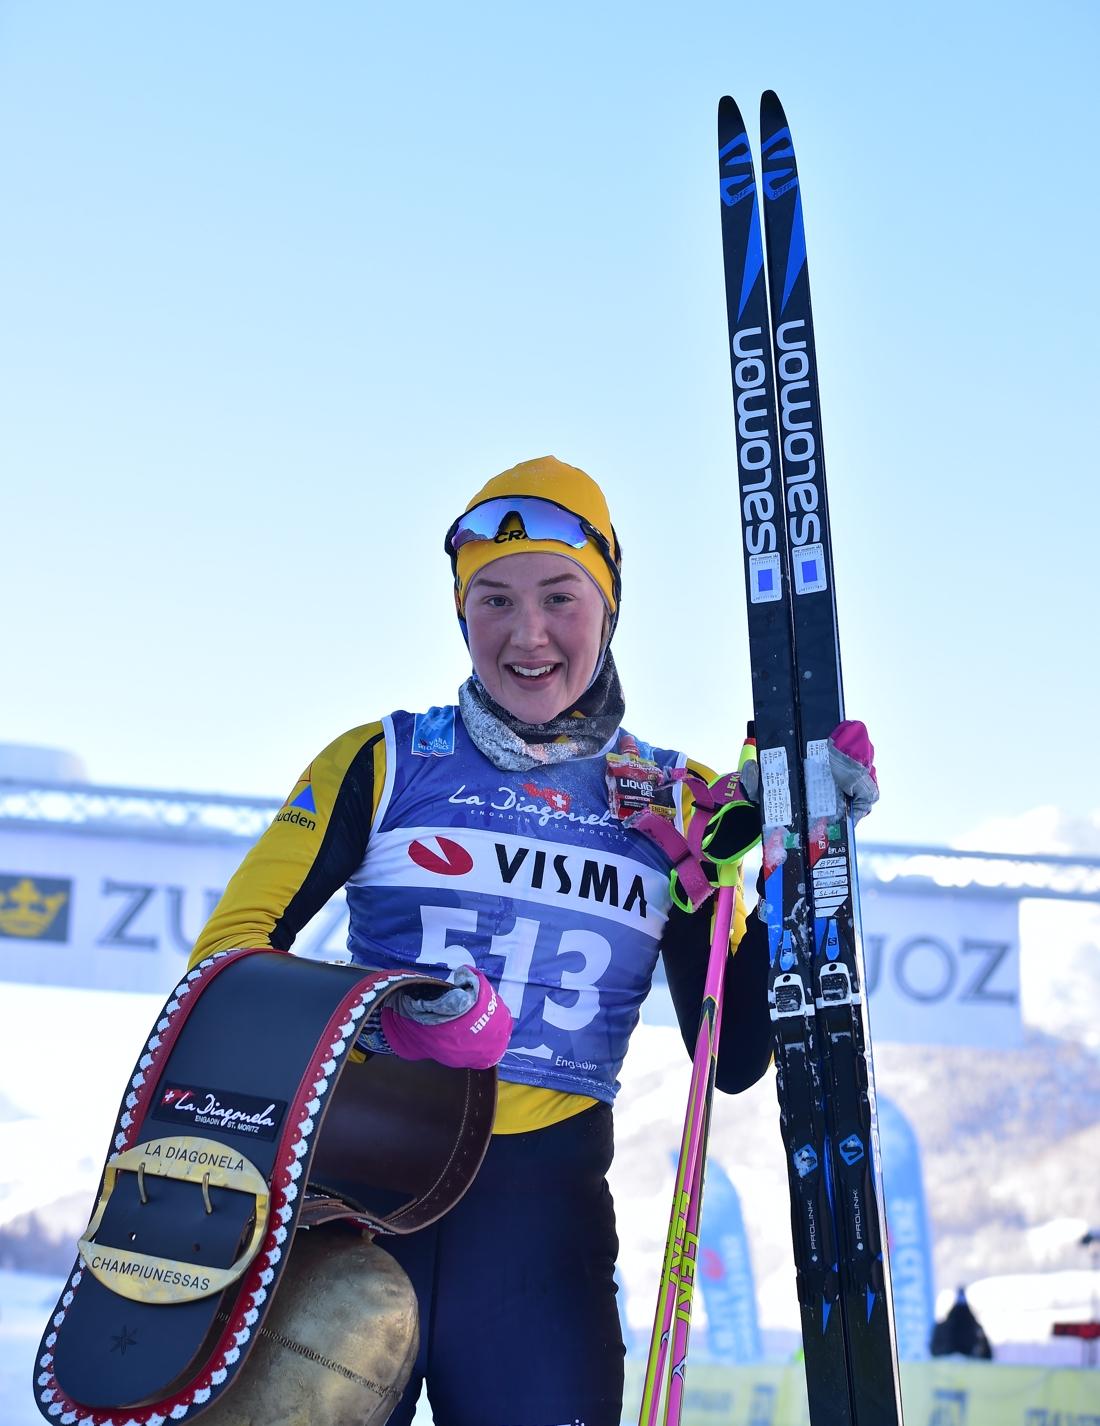 Jenny Larsson efter sin första seger i Visma Ski Classics. FOTO: Nordic focus/Björn Reichert.